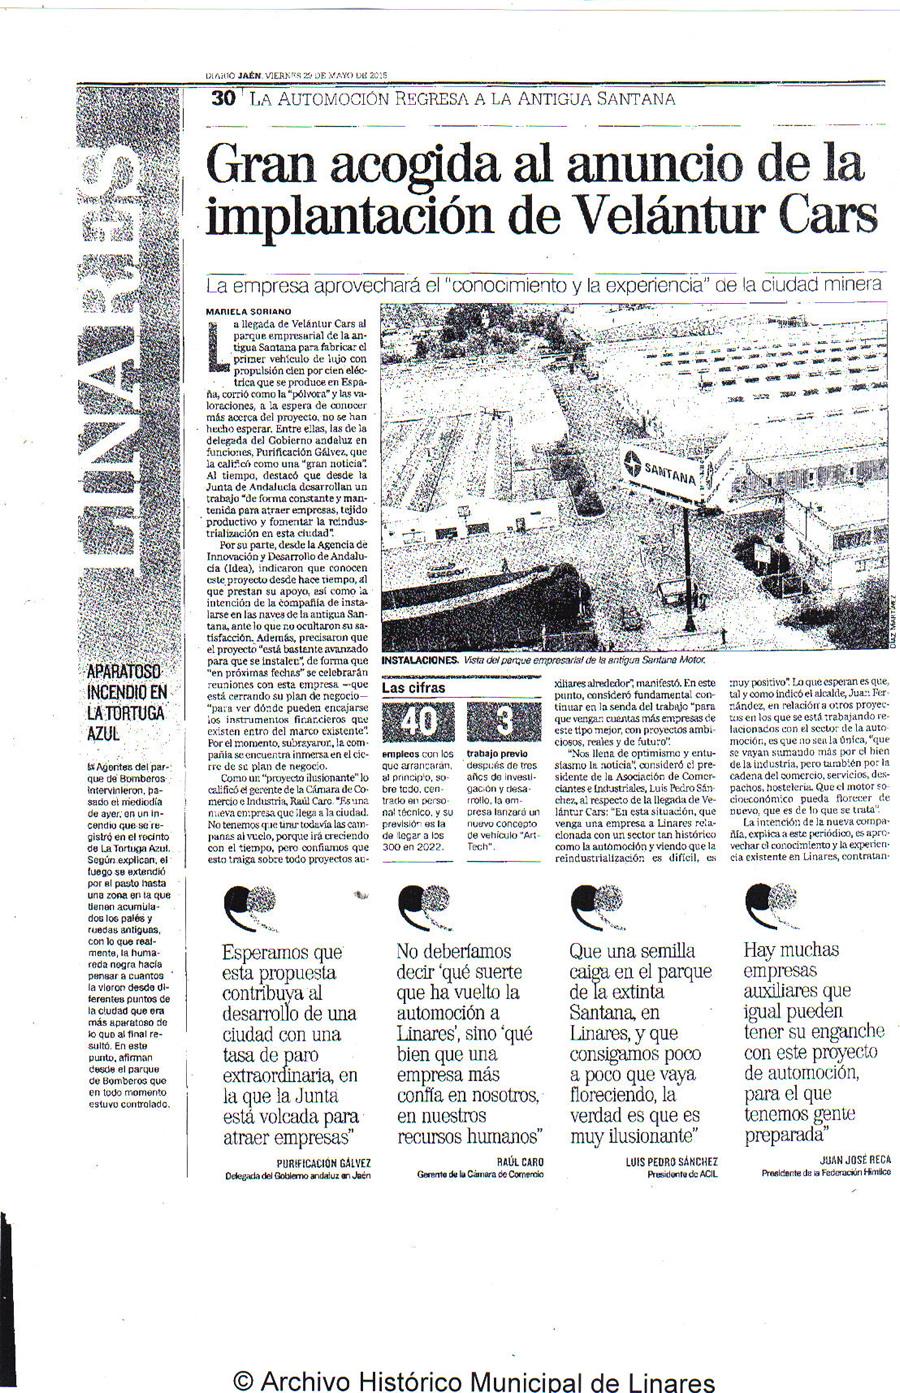 prensa día 29 de mayo. Diario Jaén